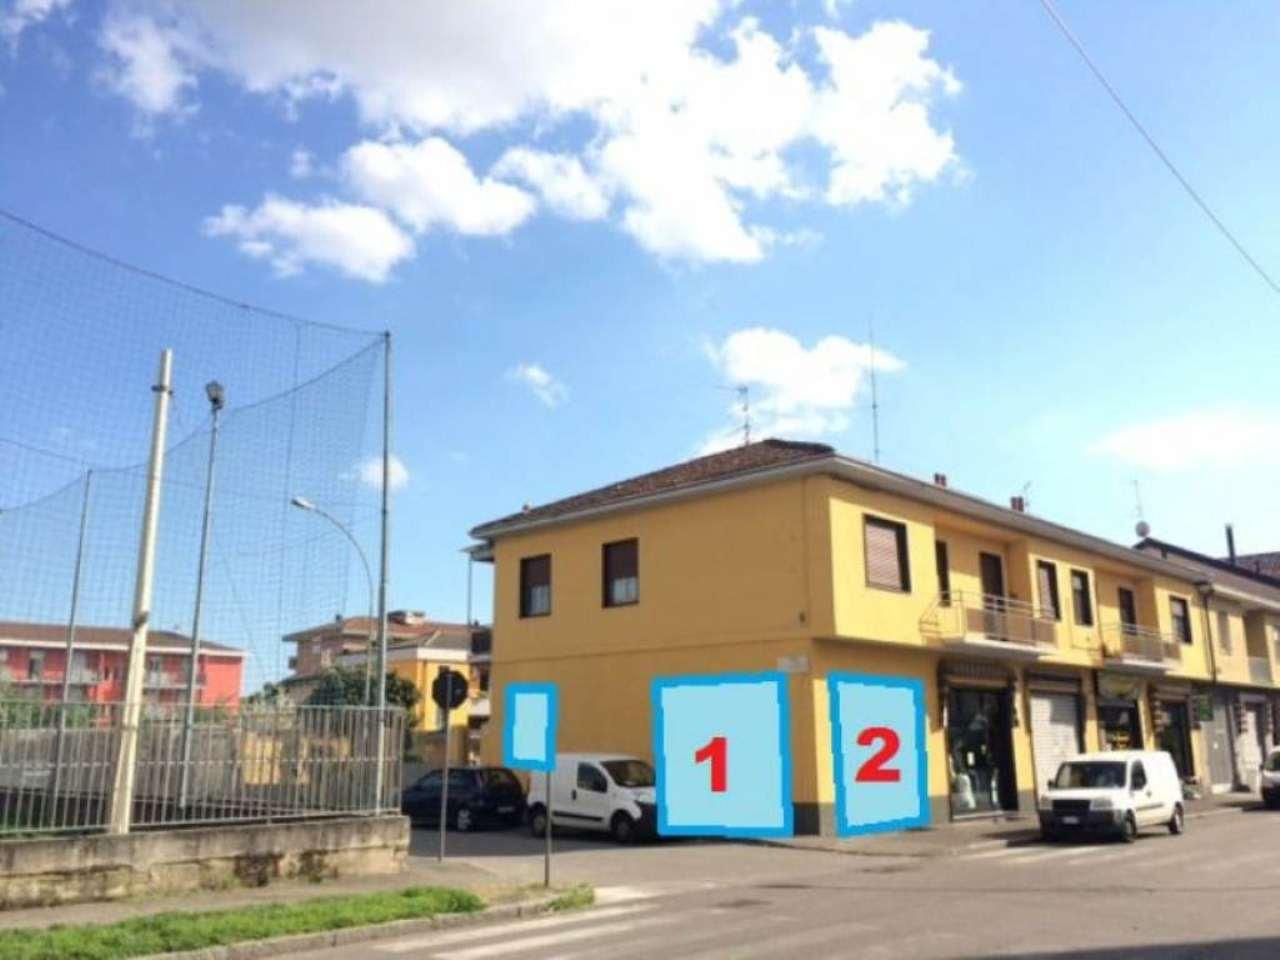 Negozio / Locale in vendita a Busto Arsizio, 1 locali, prezzo € 48.000 | Cambio Casa.it